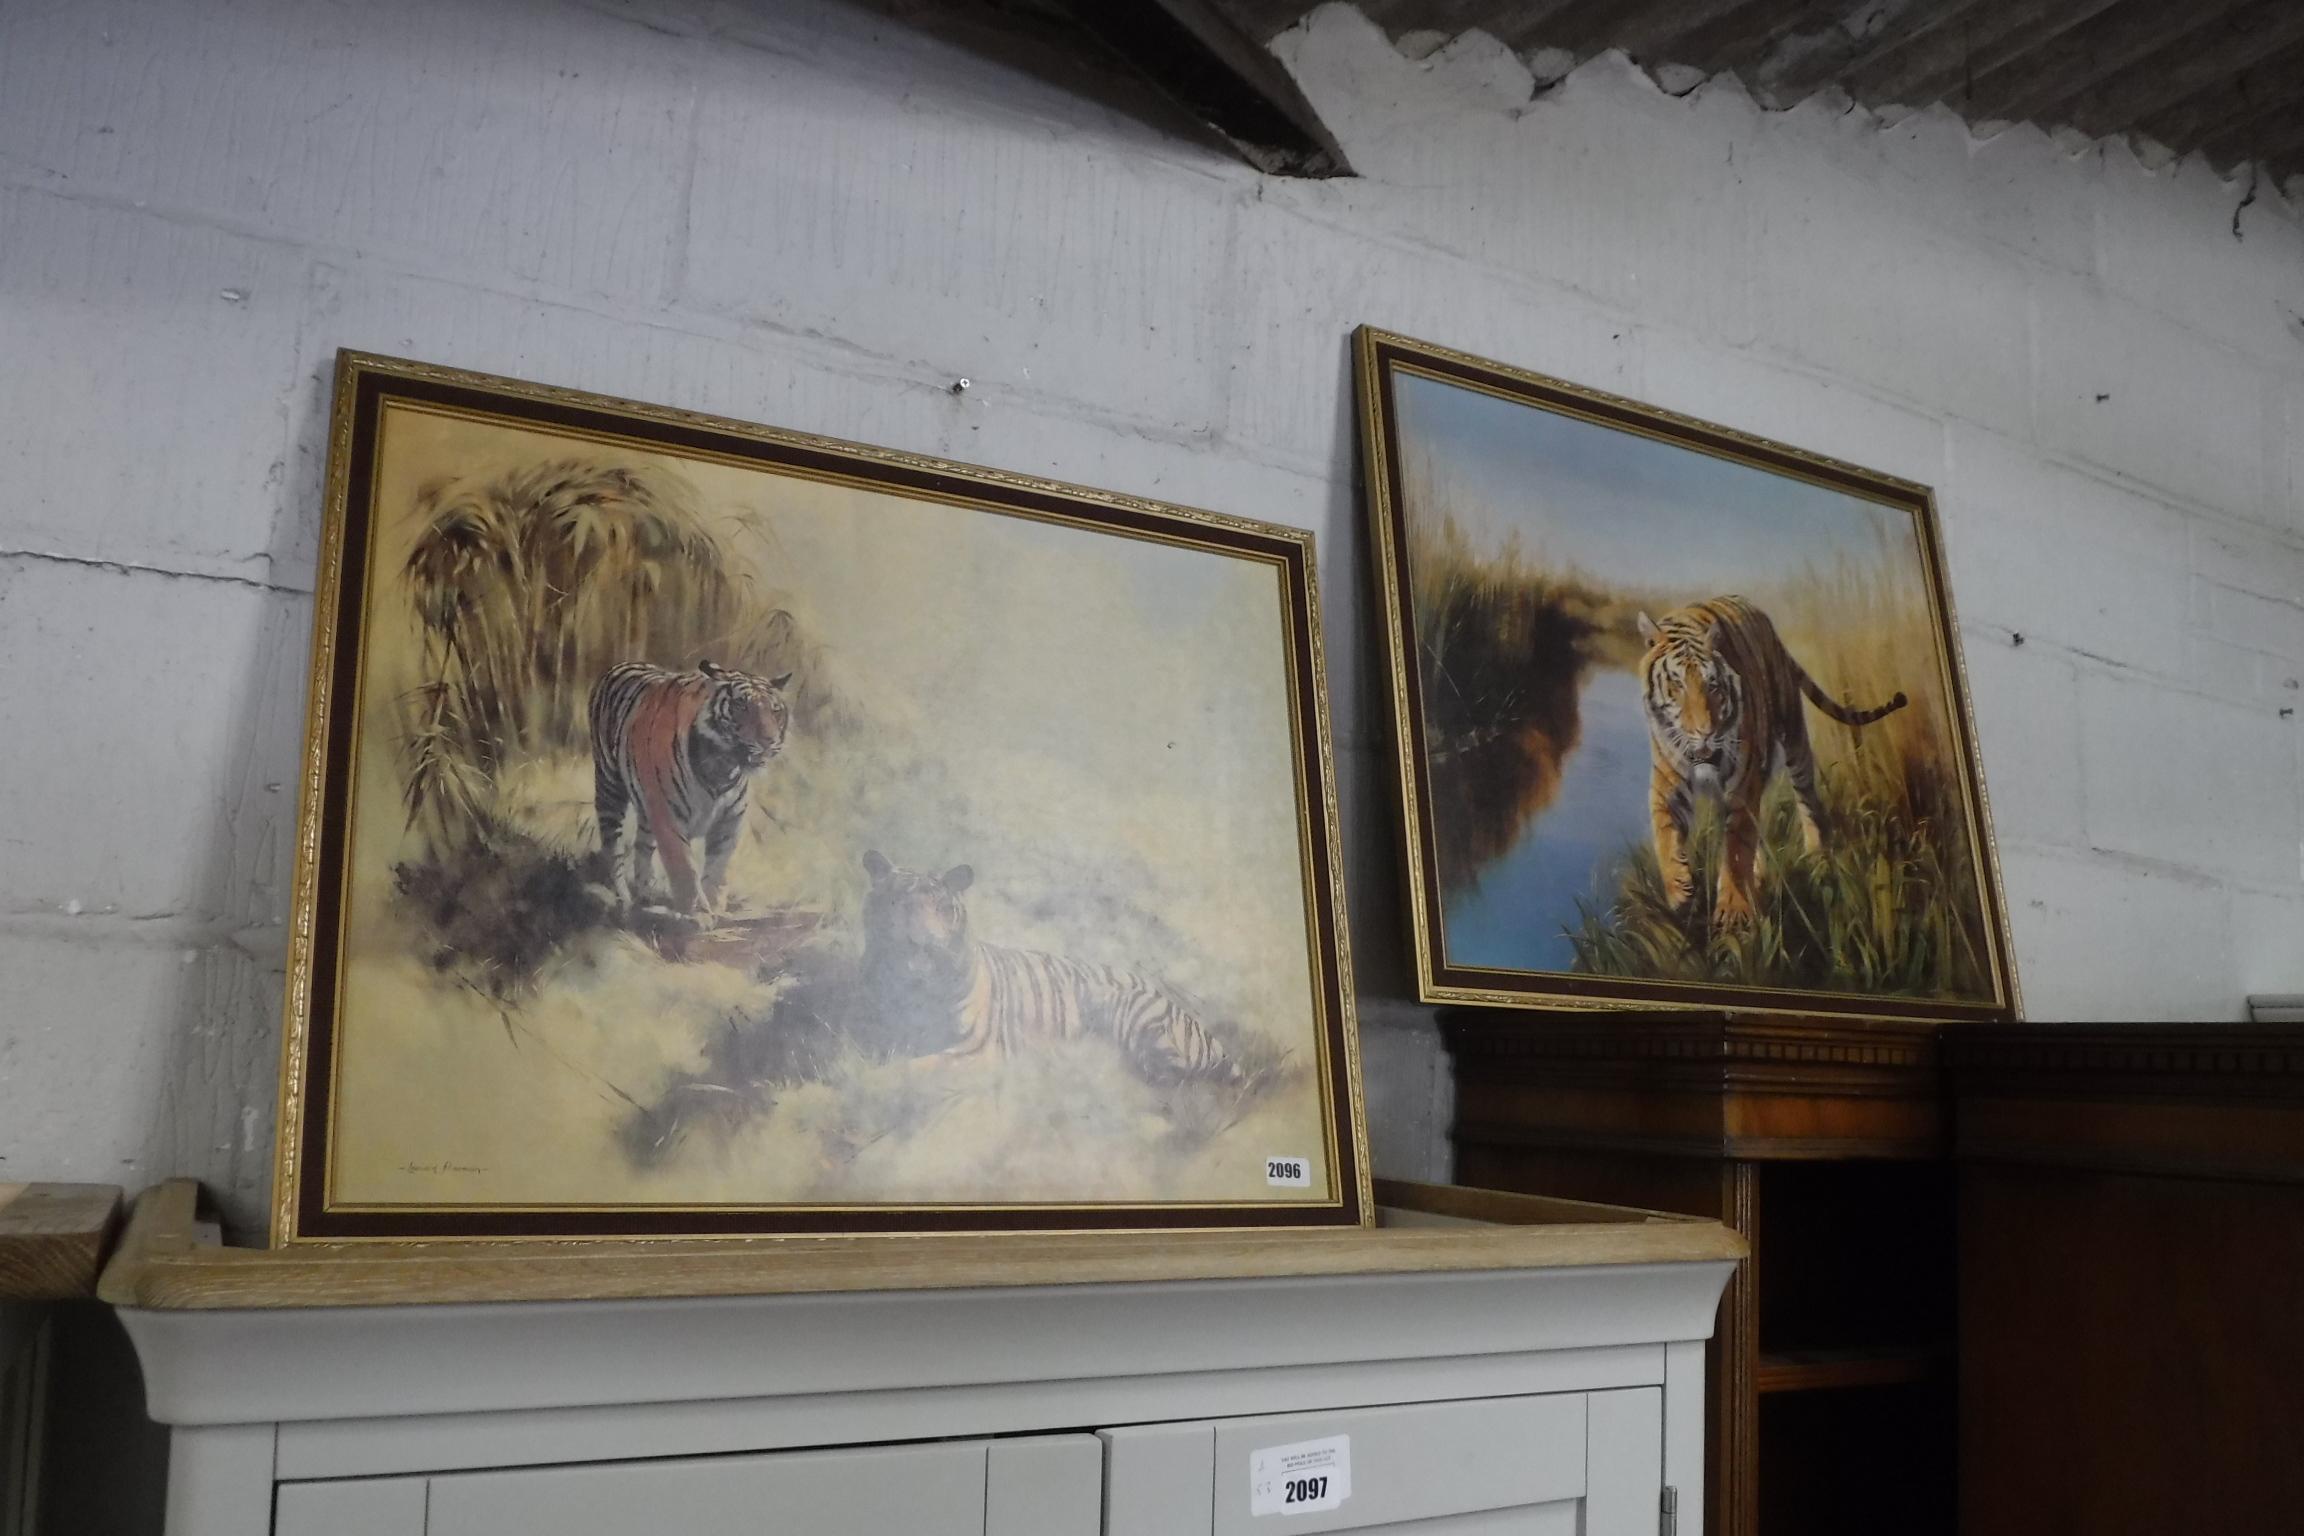 2 framed prints of tigers